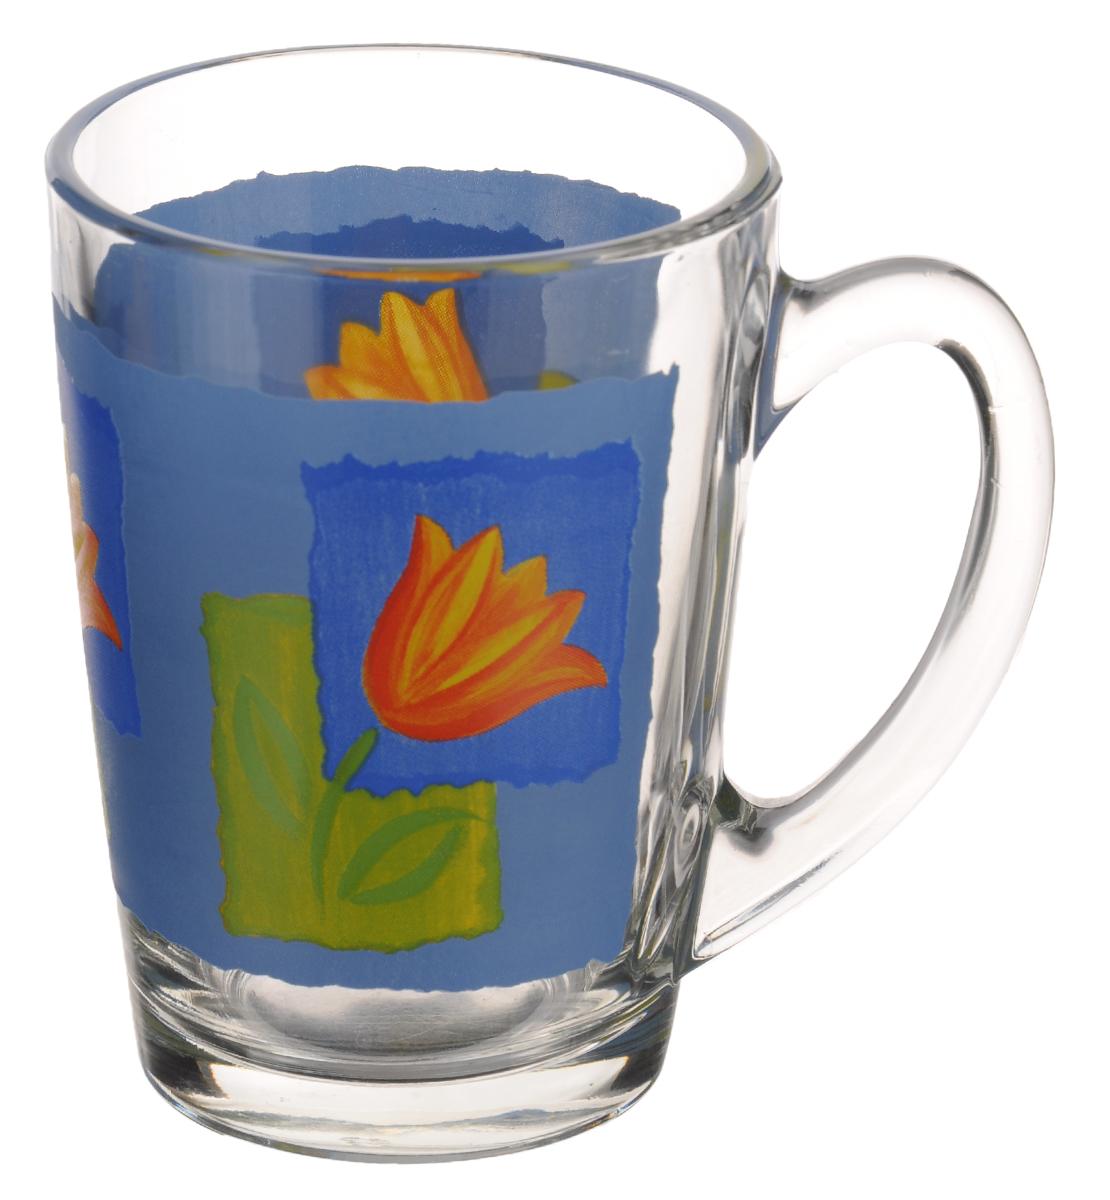 Кружка Luminarc Melys Azur, 320 млJ9124Кружка Luminarc Melys Azur изготовлена из упрочненного стекла. Такая кружка прекрасно подойдет для горячих и холодных напитков. Она дополнит коллекцию вашей кухонной посуды и будет служить долгие годы. Диаметр кружки (по верхнему краю): 8 см.